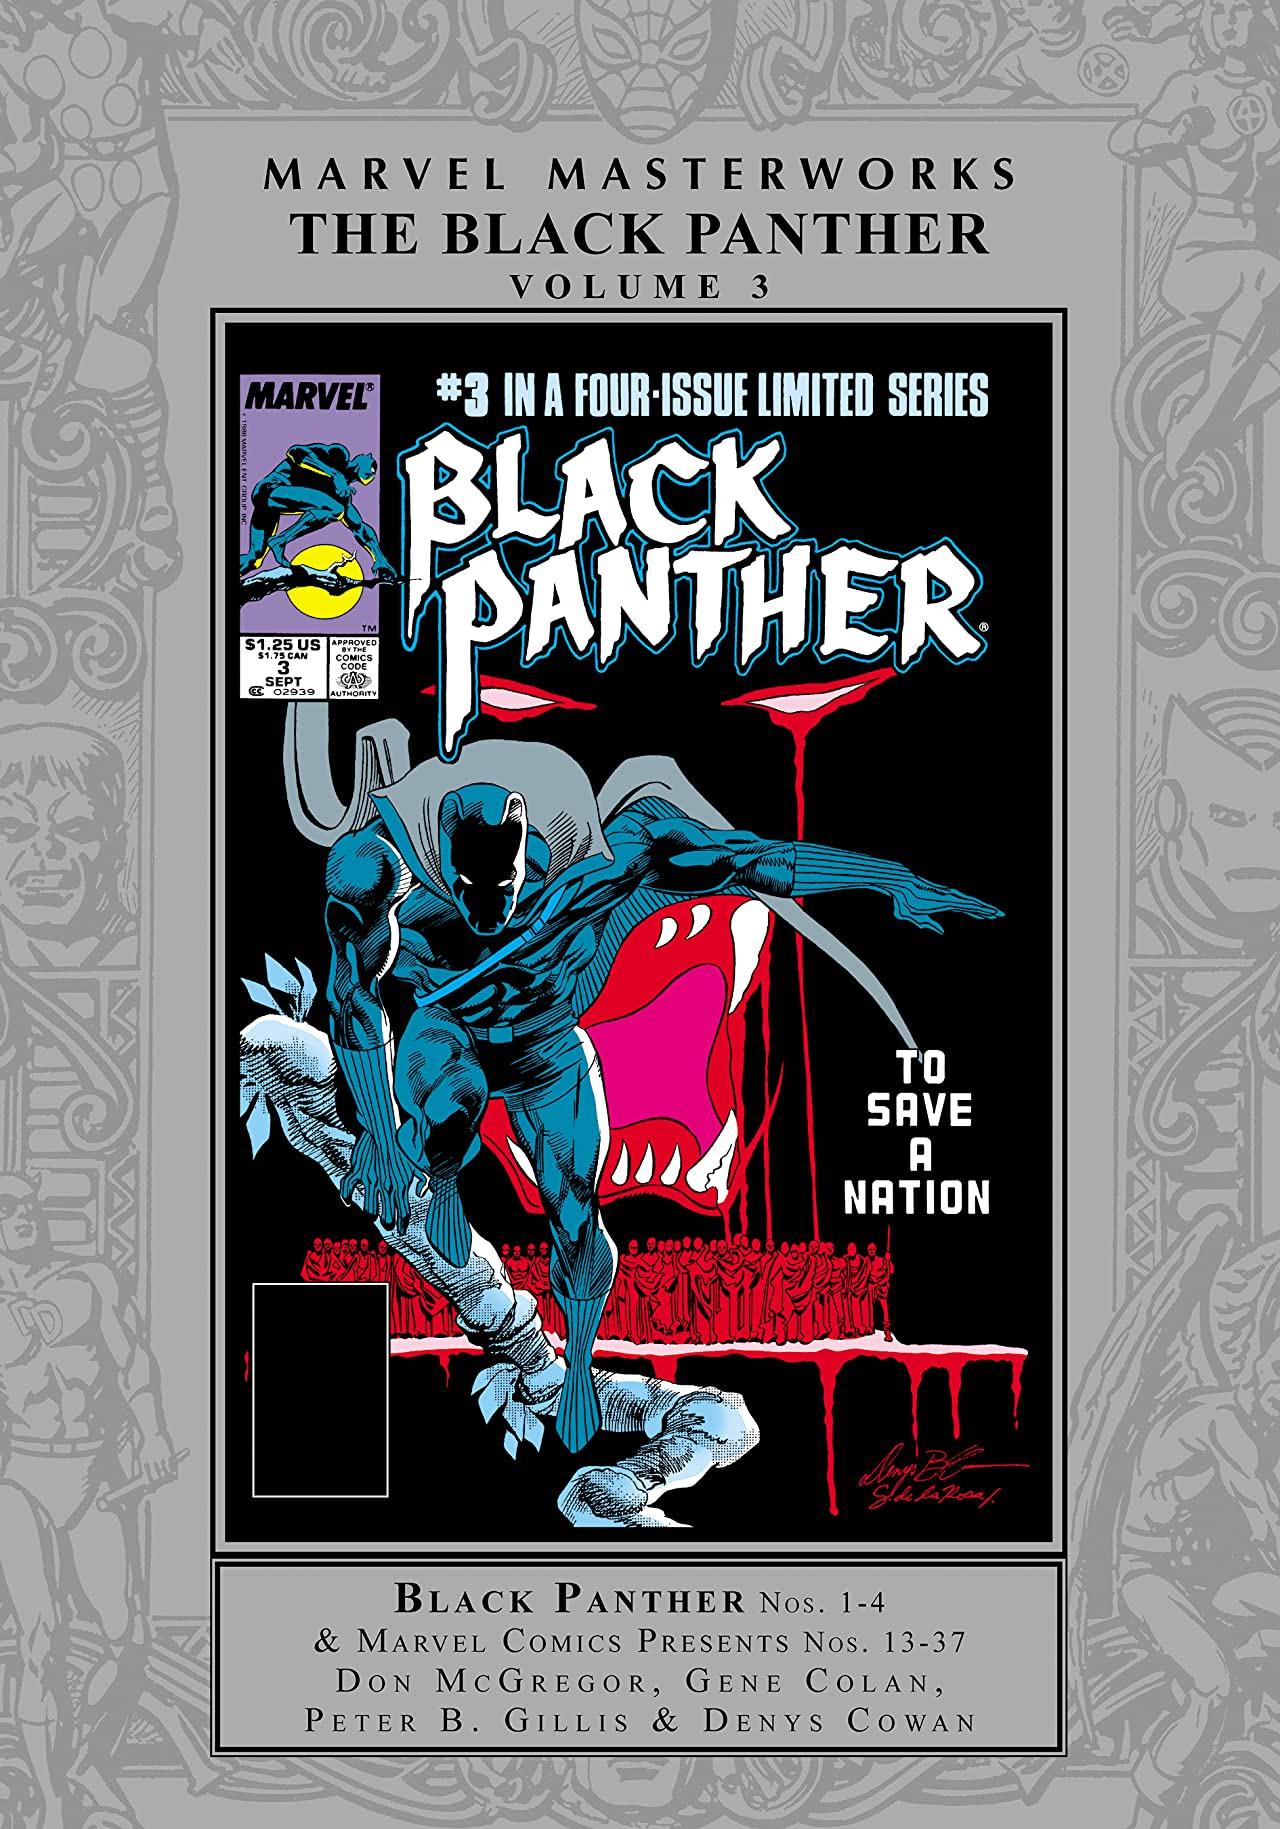 Marvel Masterworks: The Black Panther Vol. 3 (Hardcover)